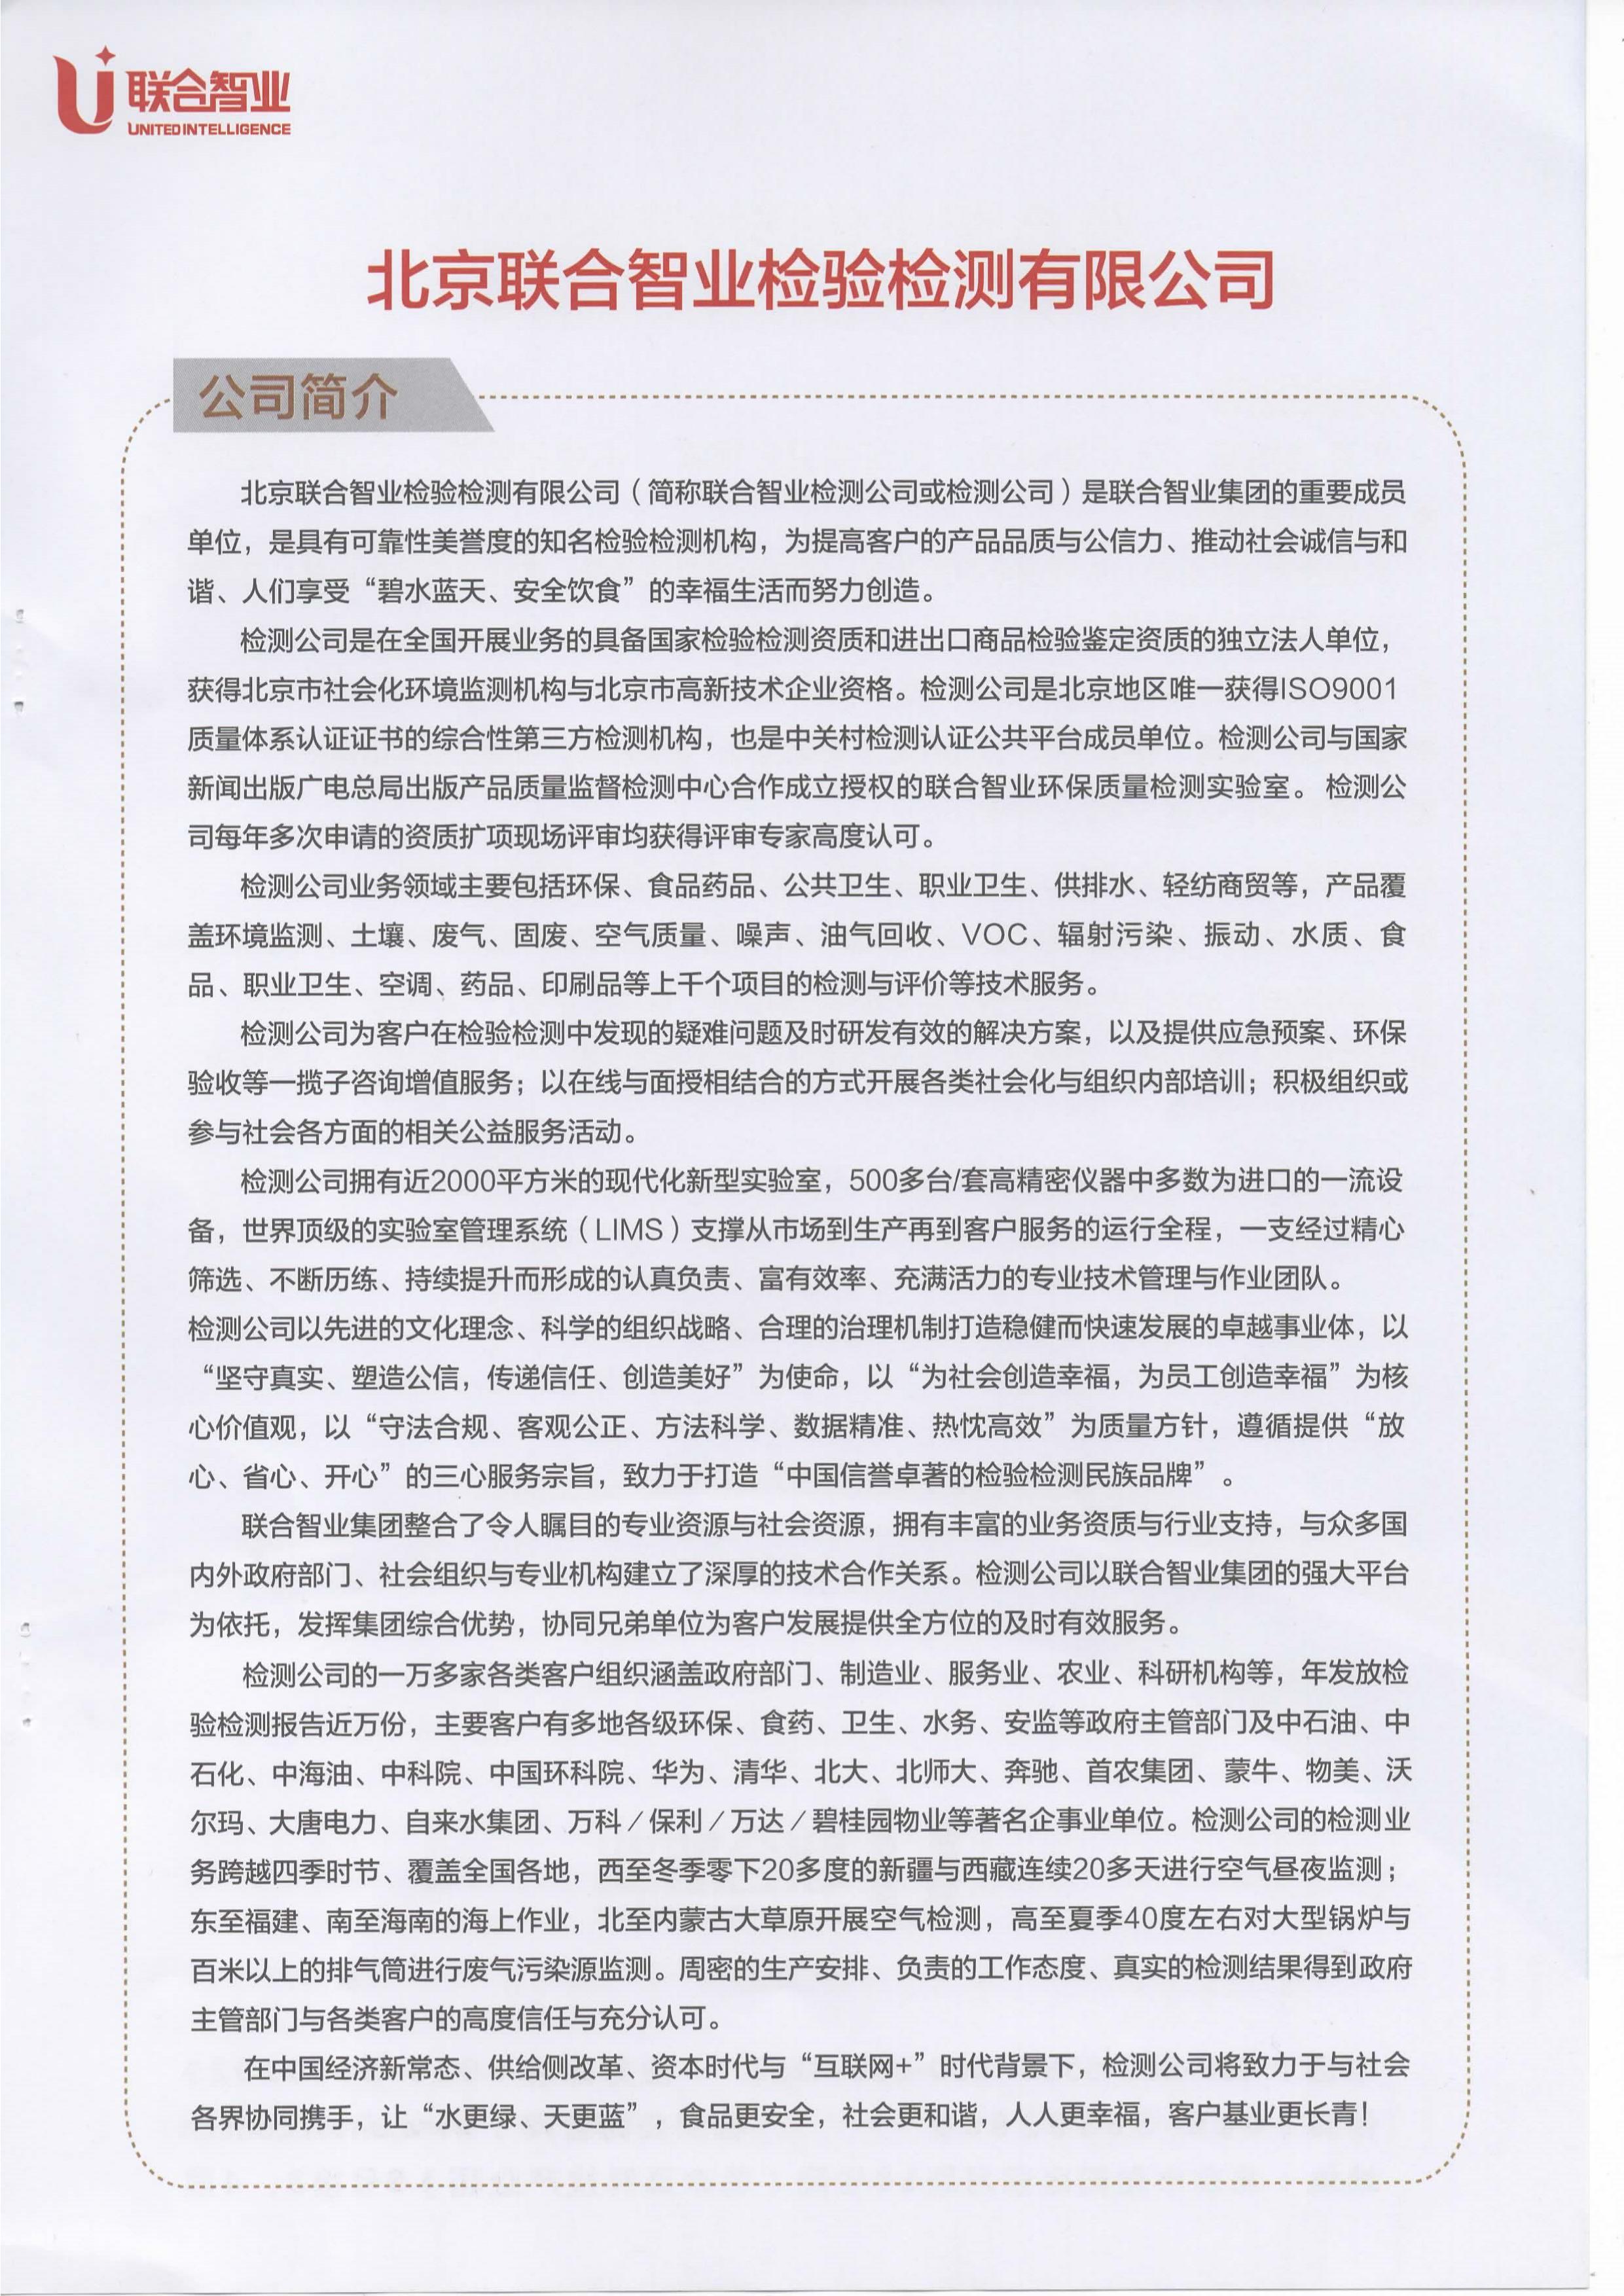 티엔 중국 시험성적 (5)